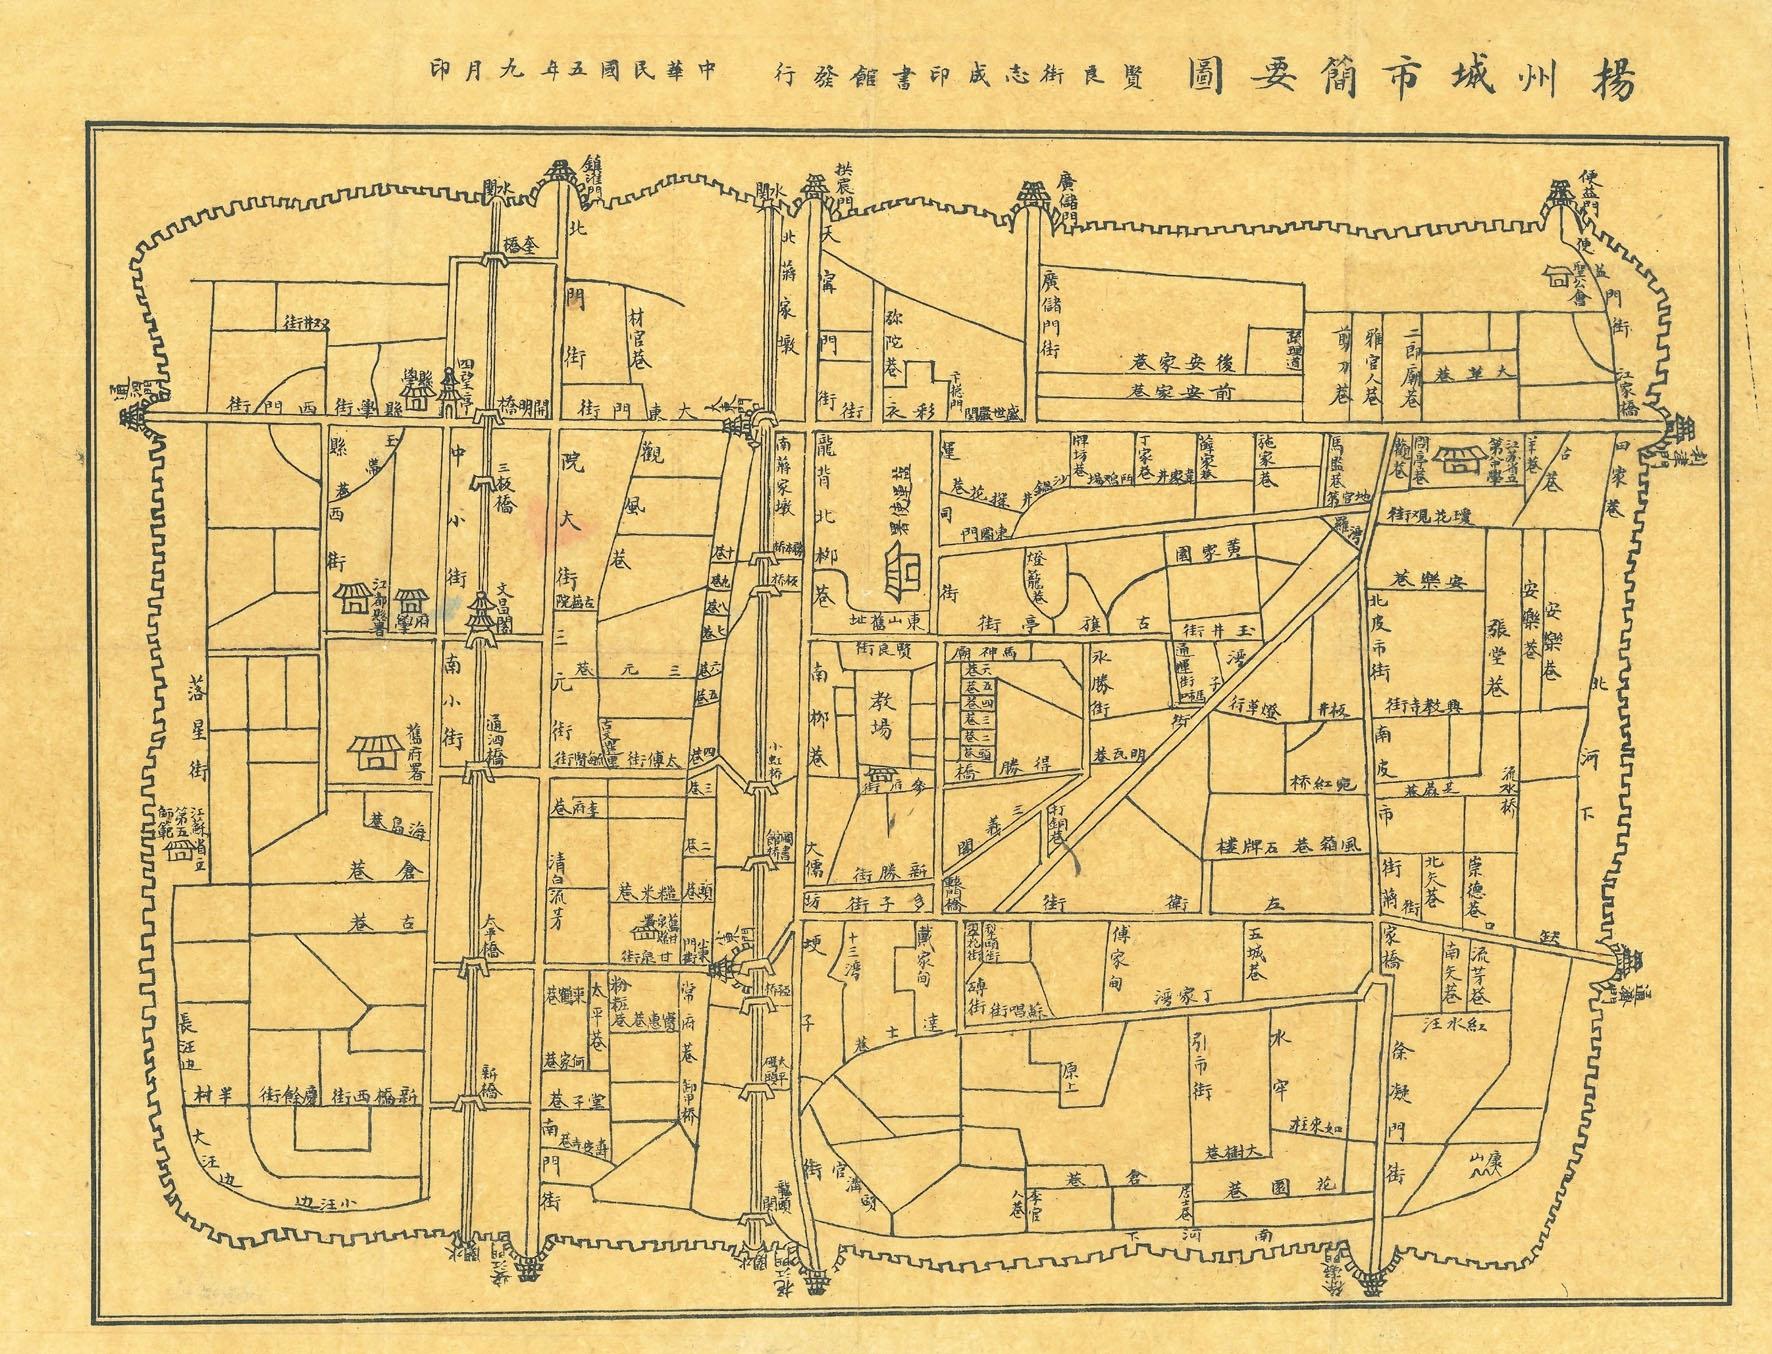 1916年扬州城市简要图。 图片来源于网络